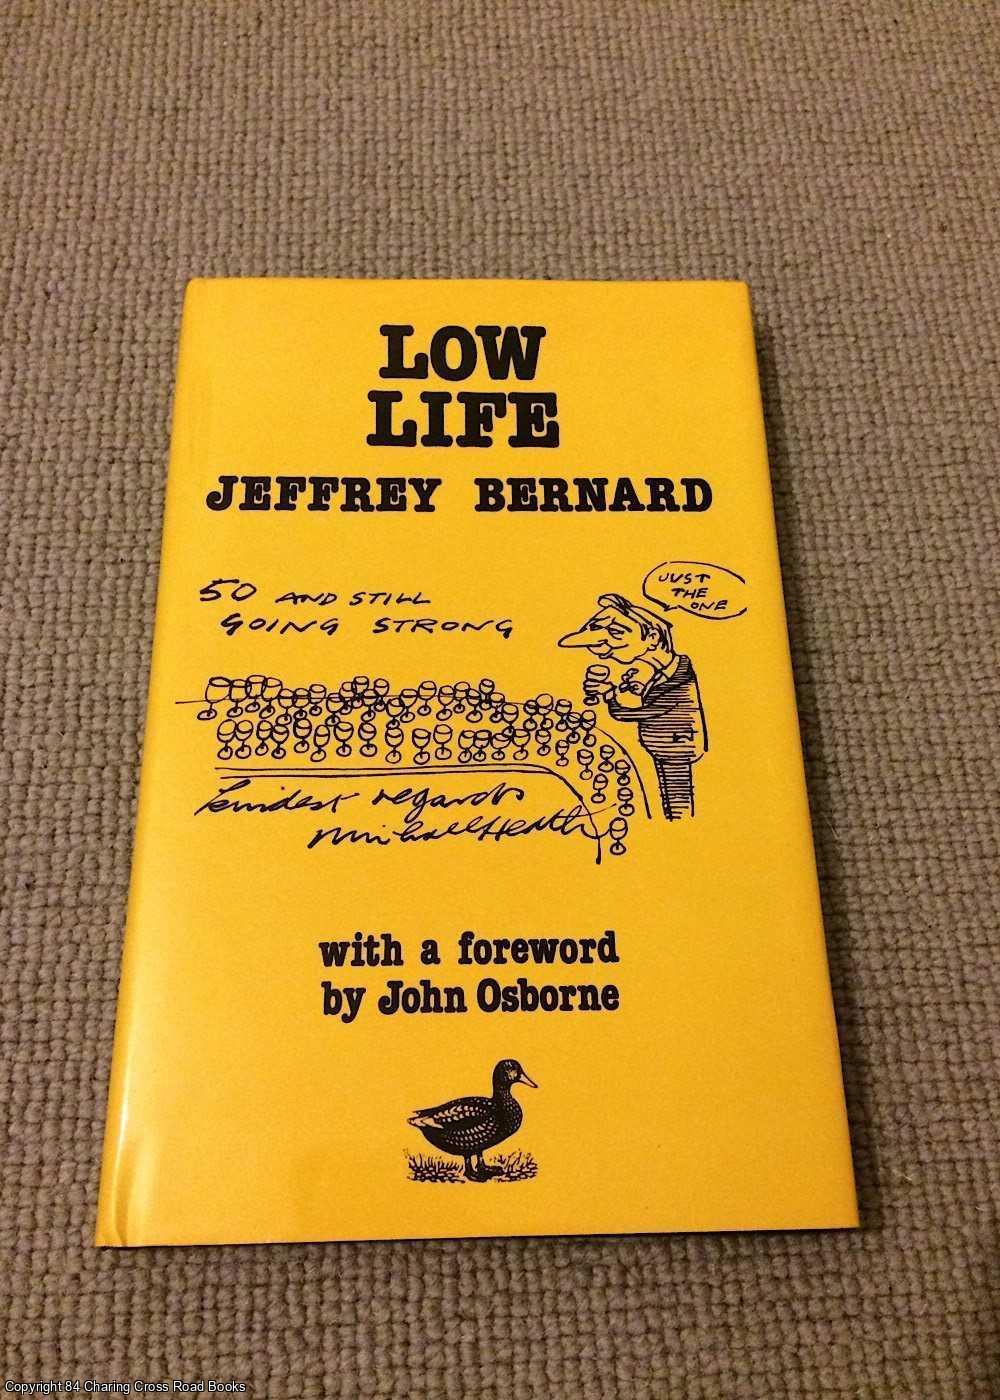 BERNARD, JEFFREY; OSBORNE, JOHN - Low Life